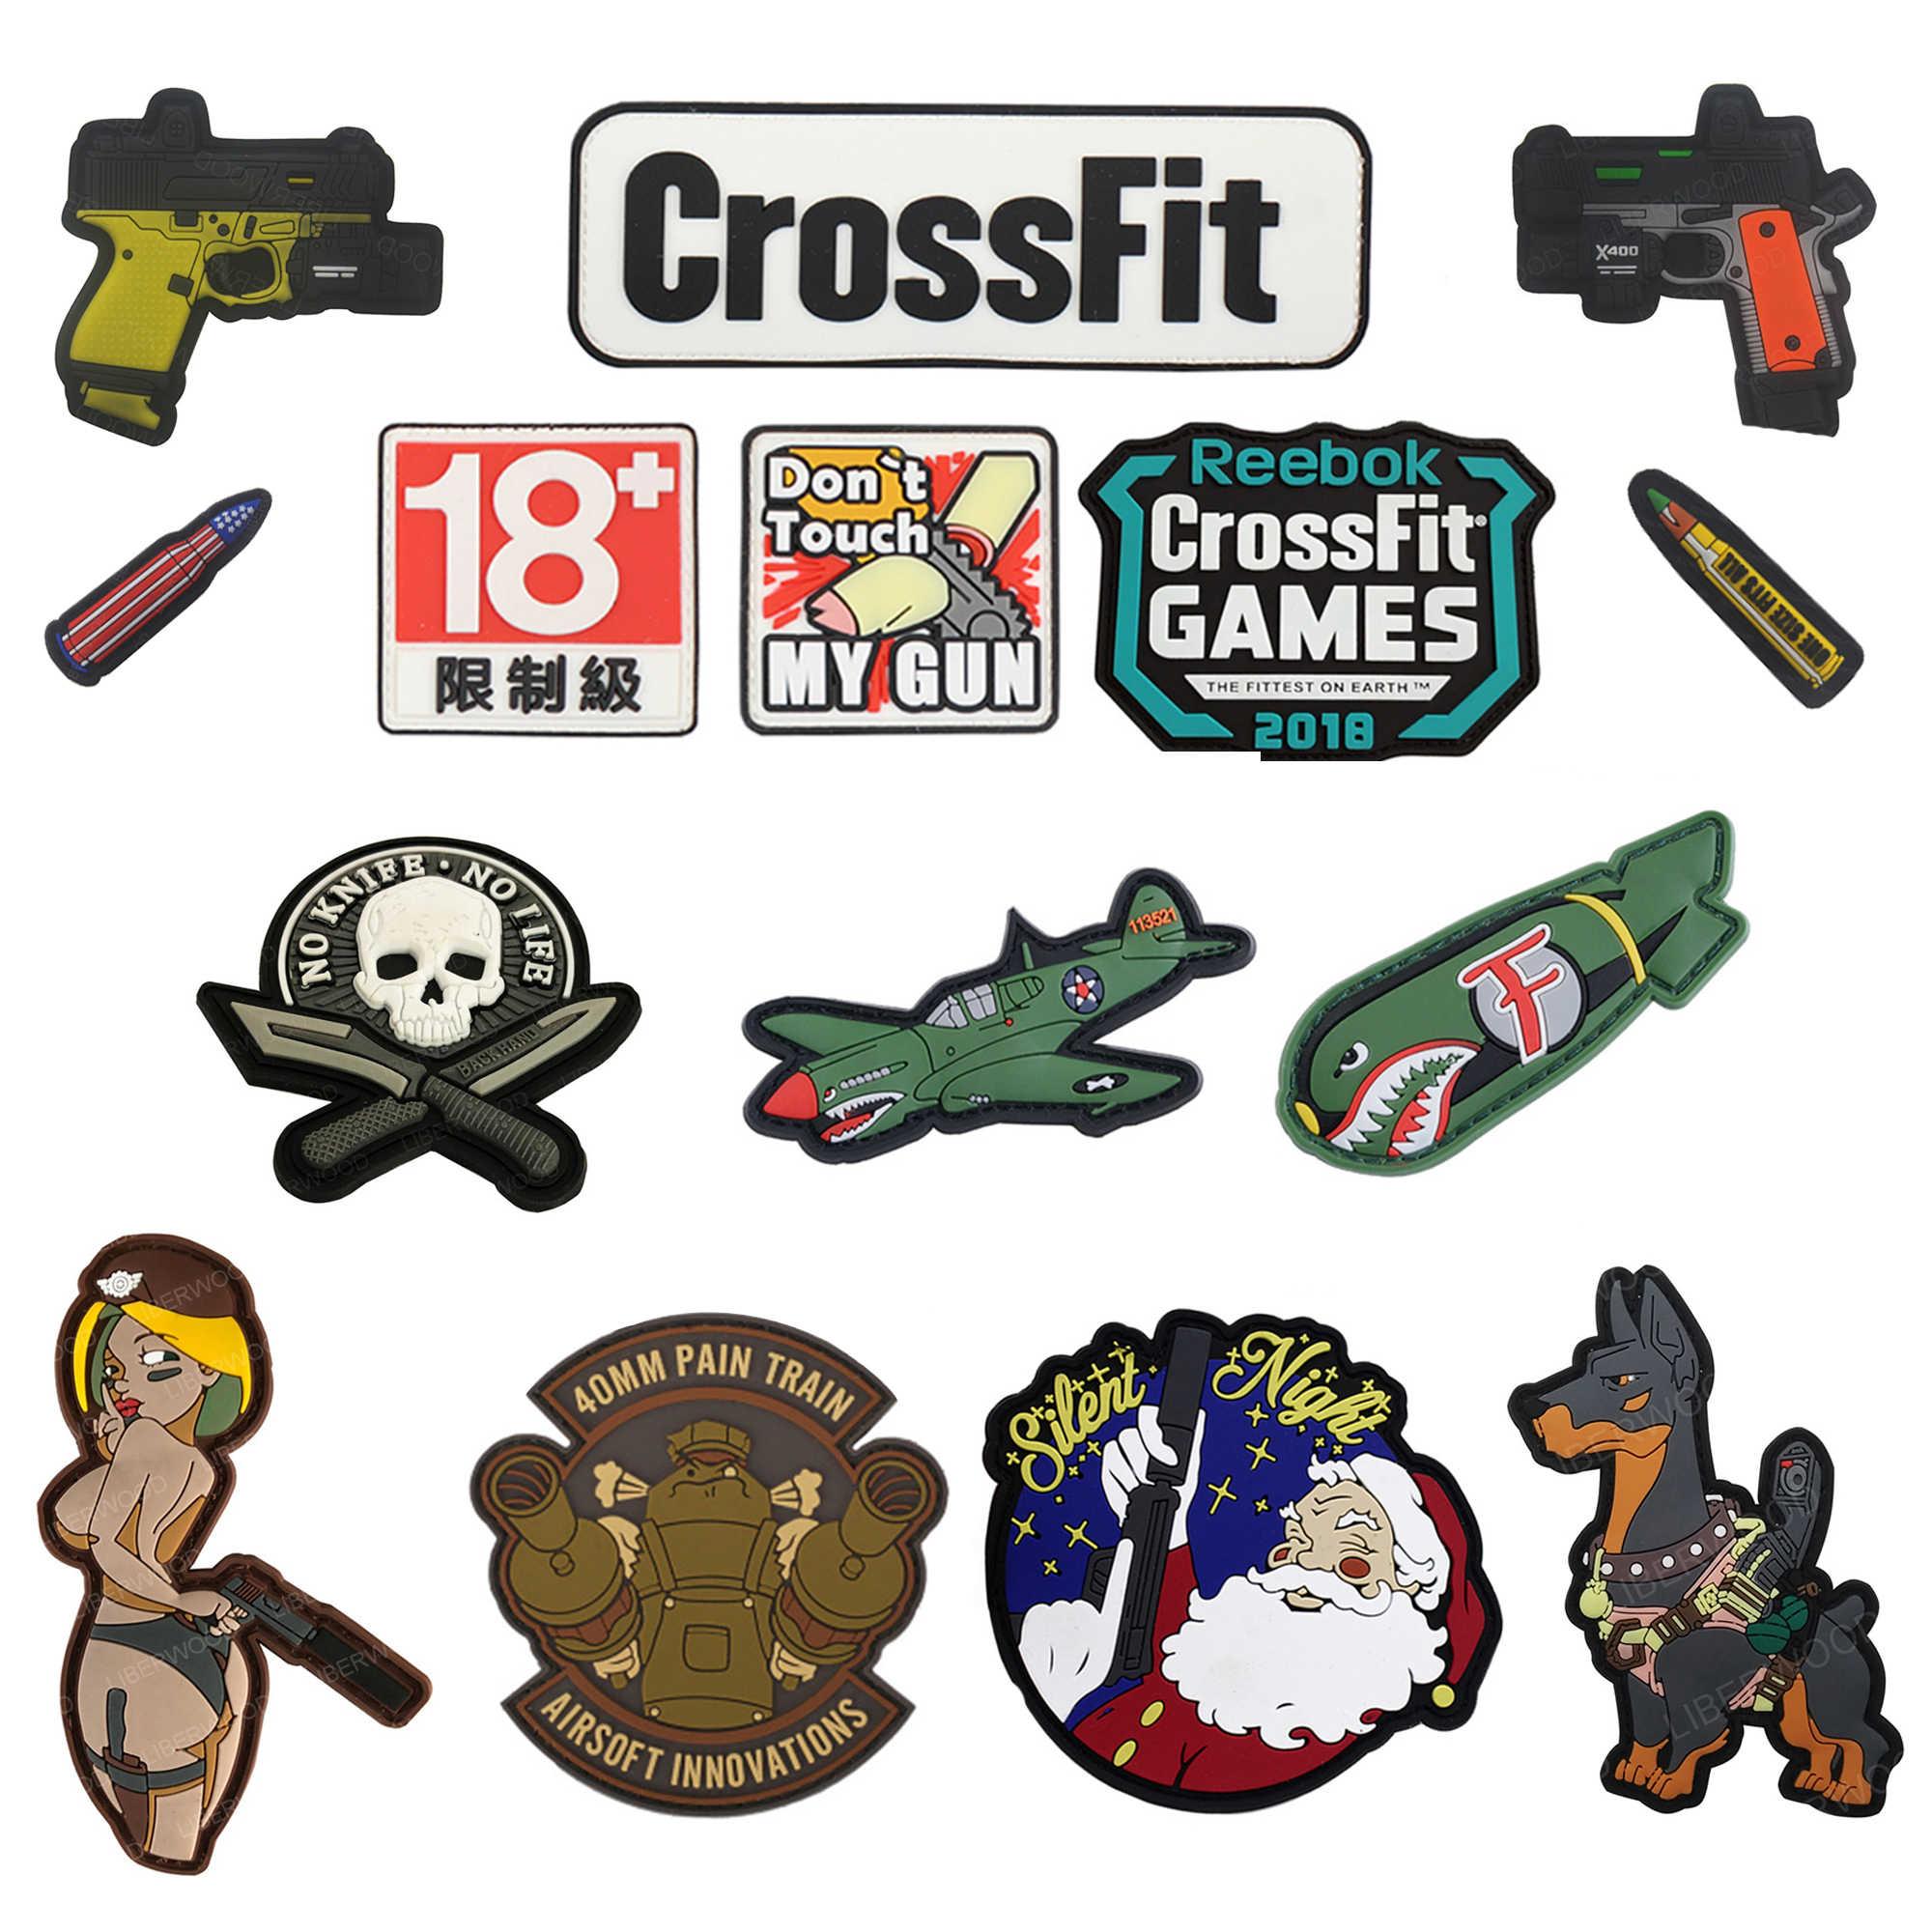 CrossFit Vader puño militar PVC parche moral táctico insignias apliques emblema gancho parches para ropa mochila Accesorios